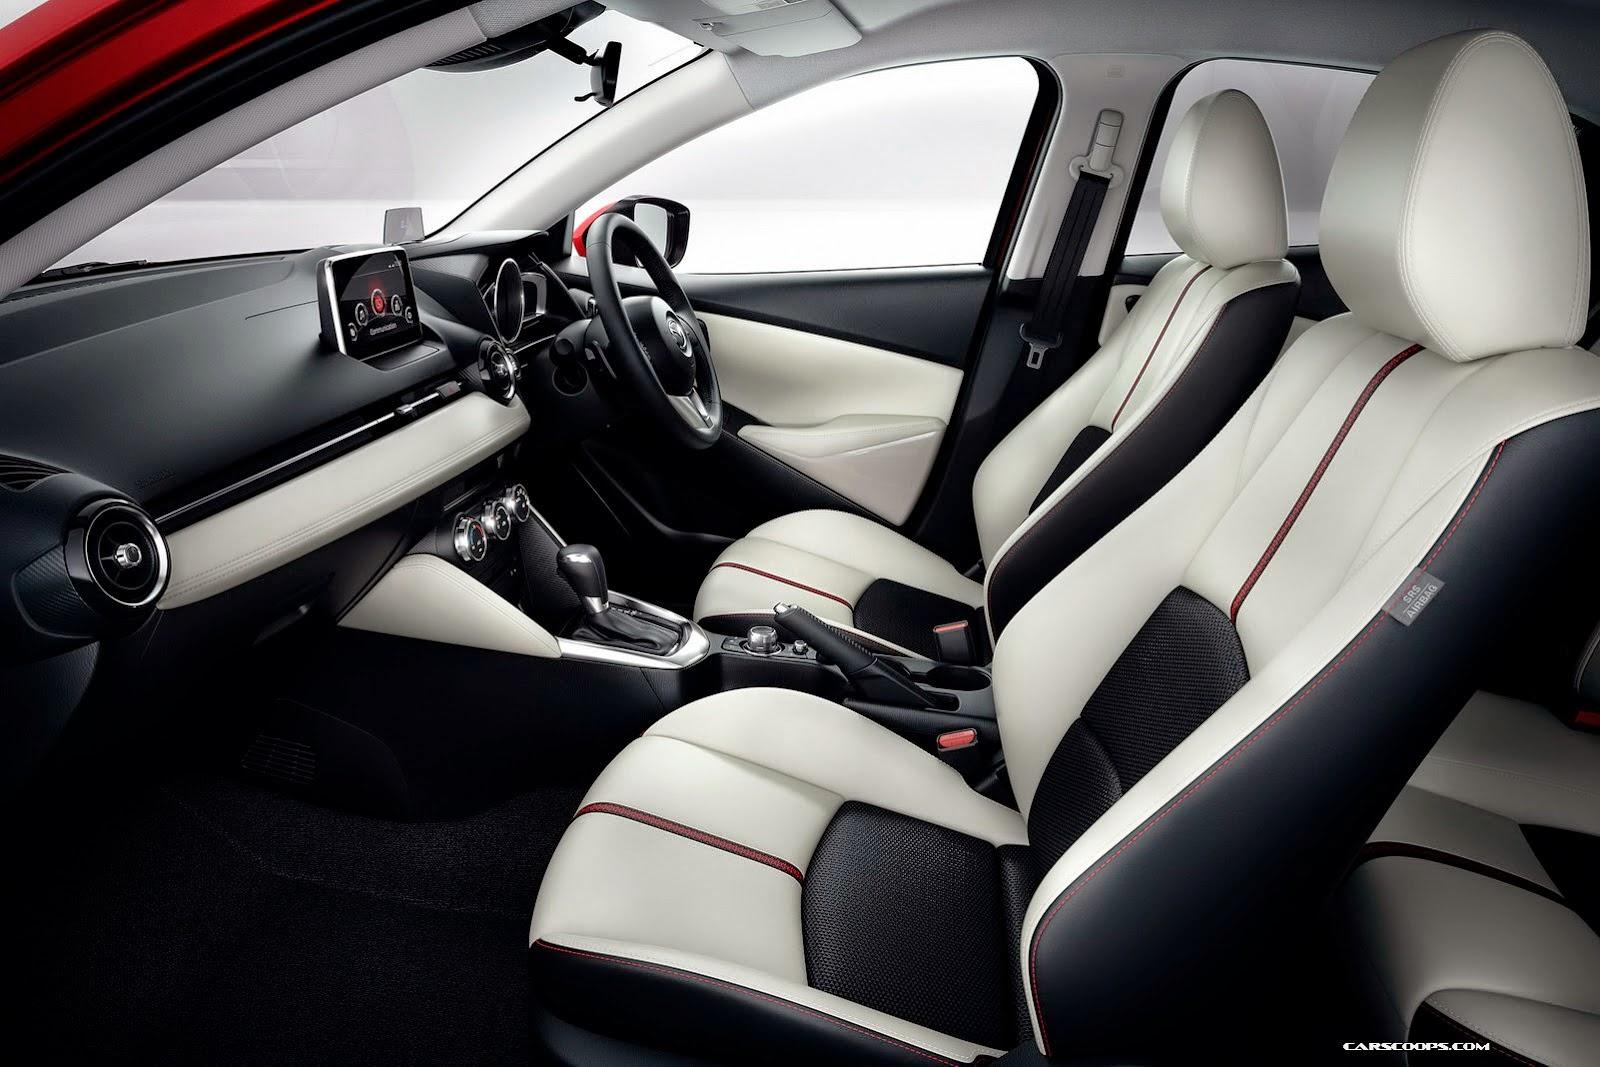 ... SUV deste Mazda 2, o CX-3 que deverá ser apresentada no fim de 2014